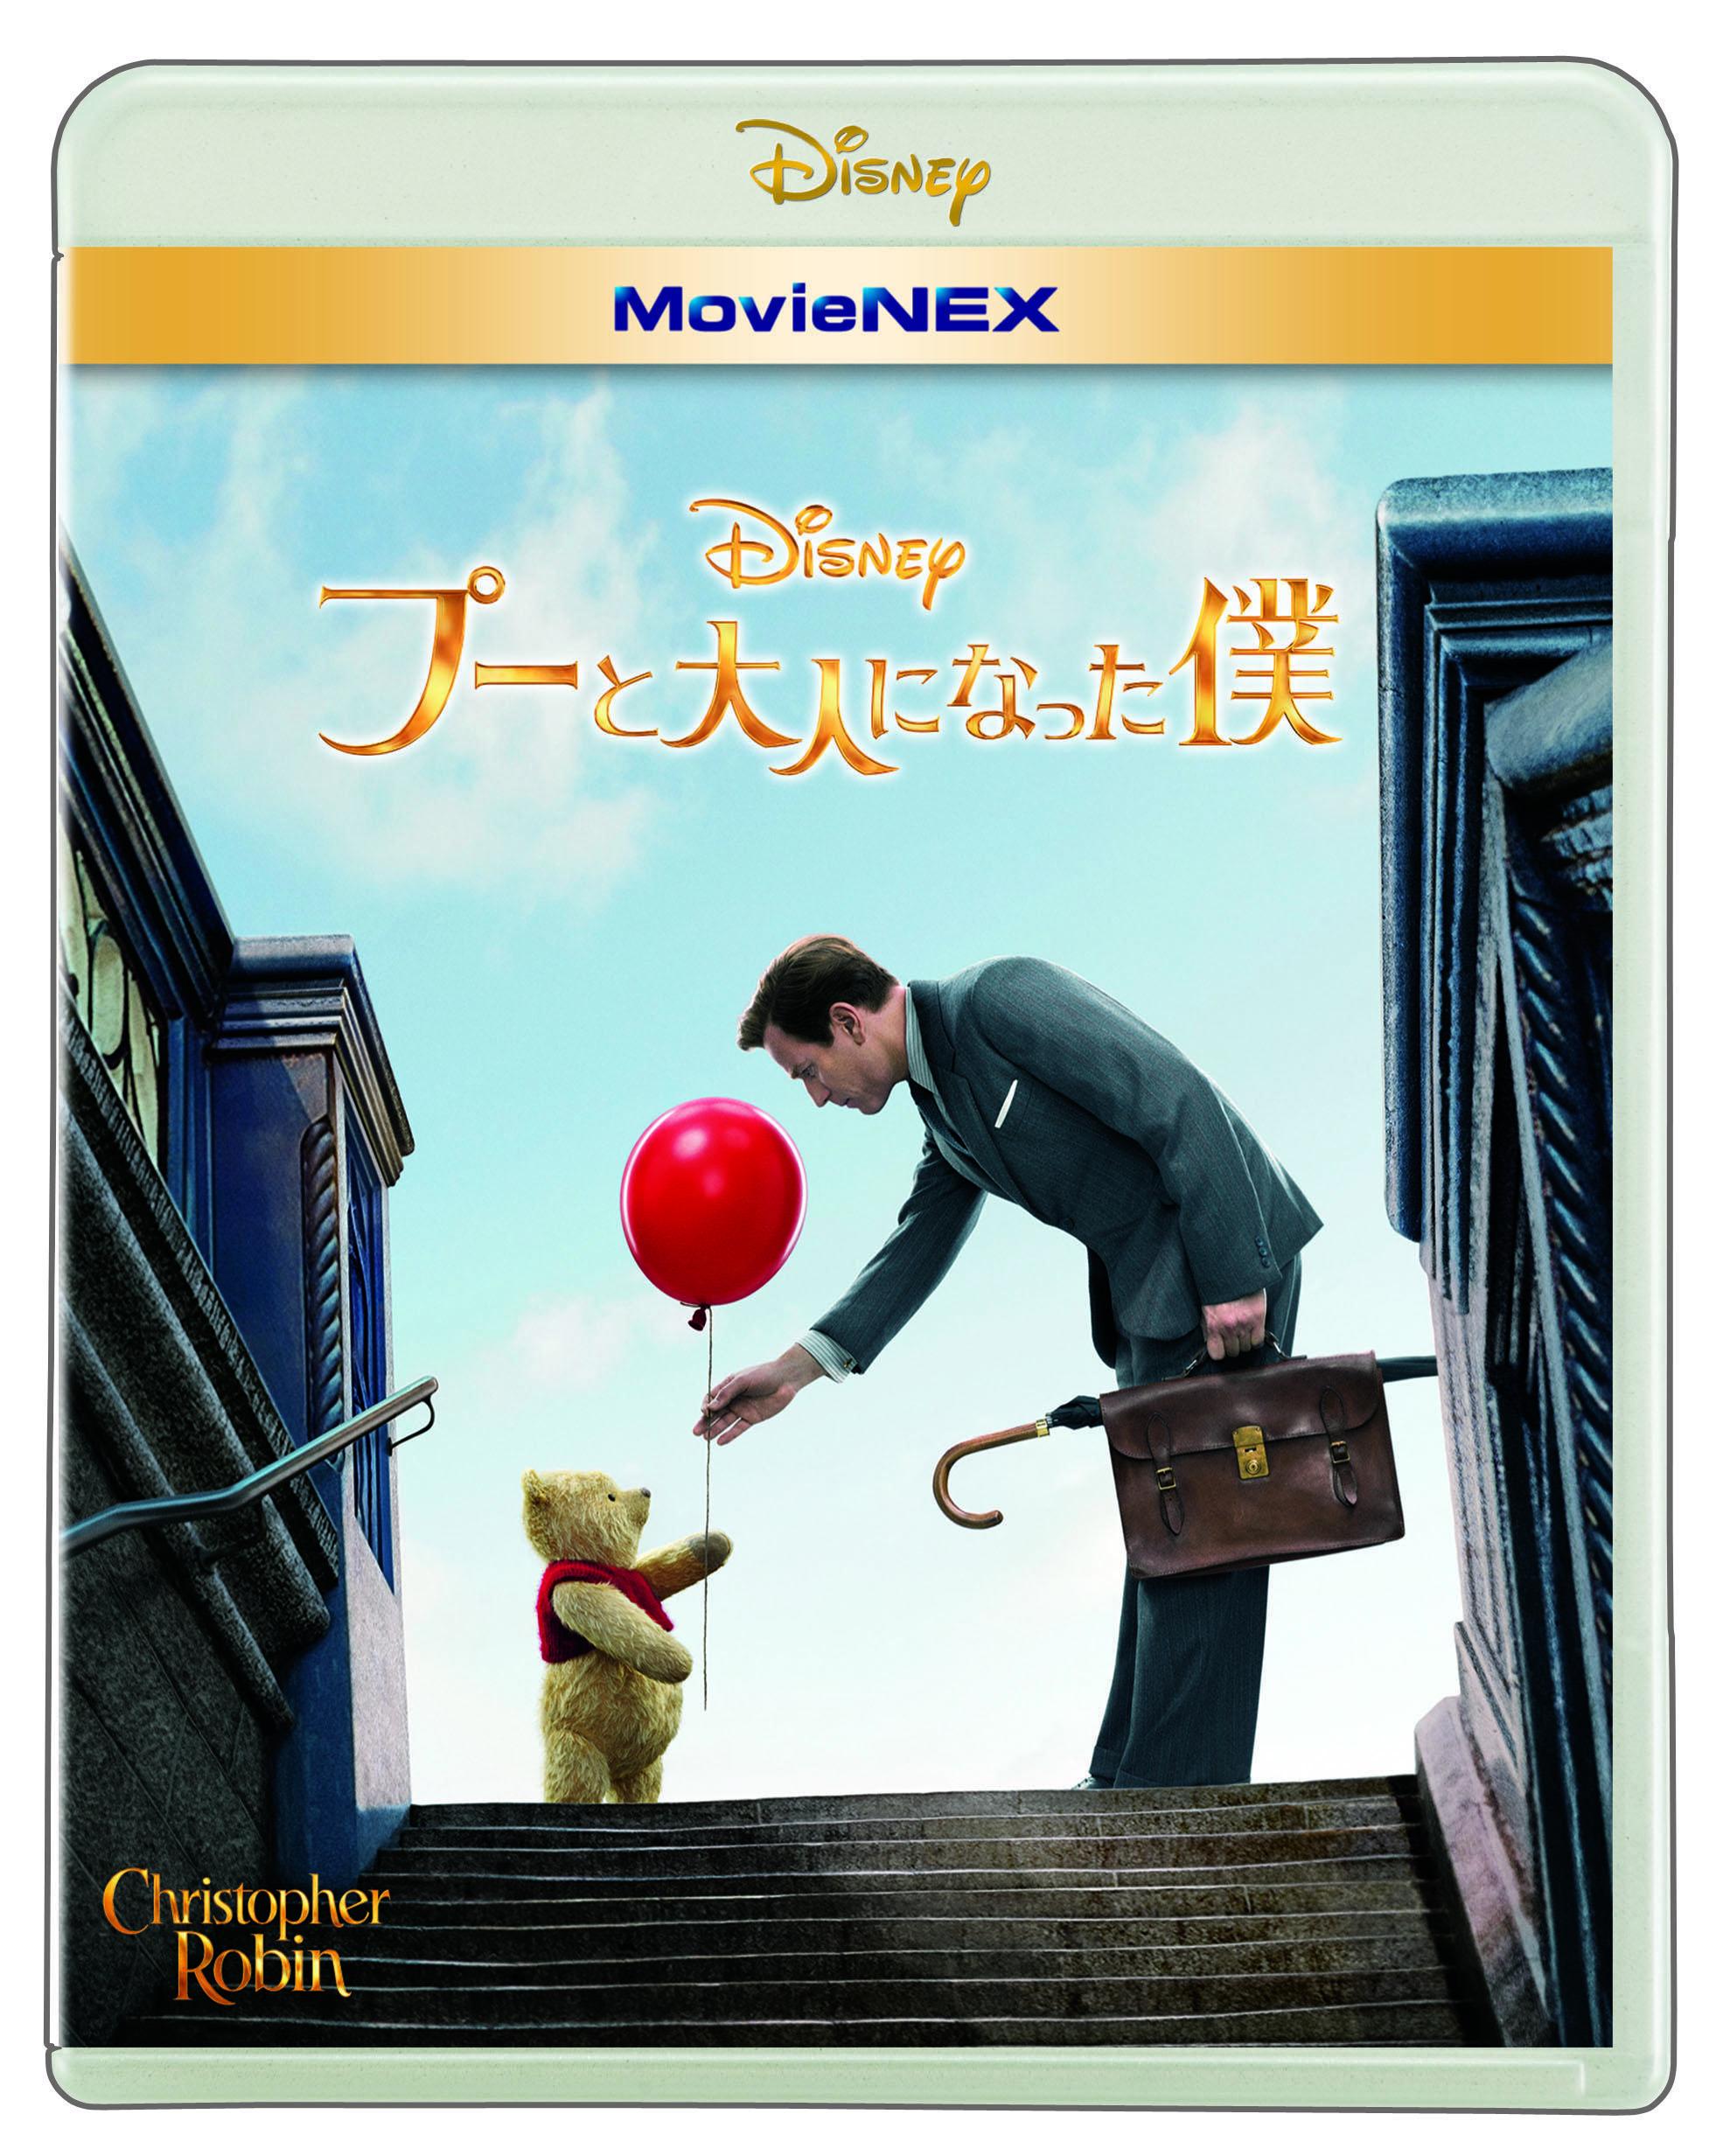 http://news.yoshimoto.co.jp/20181206235631-0394266424f4cc8a9ba02821407f576f868ccdbb.jpg